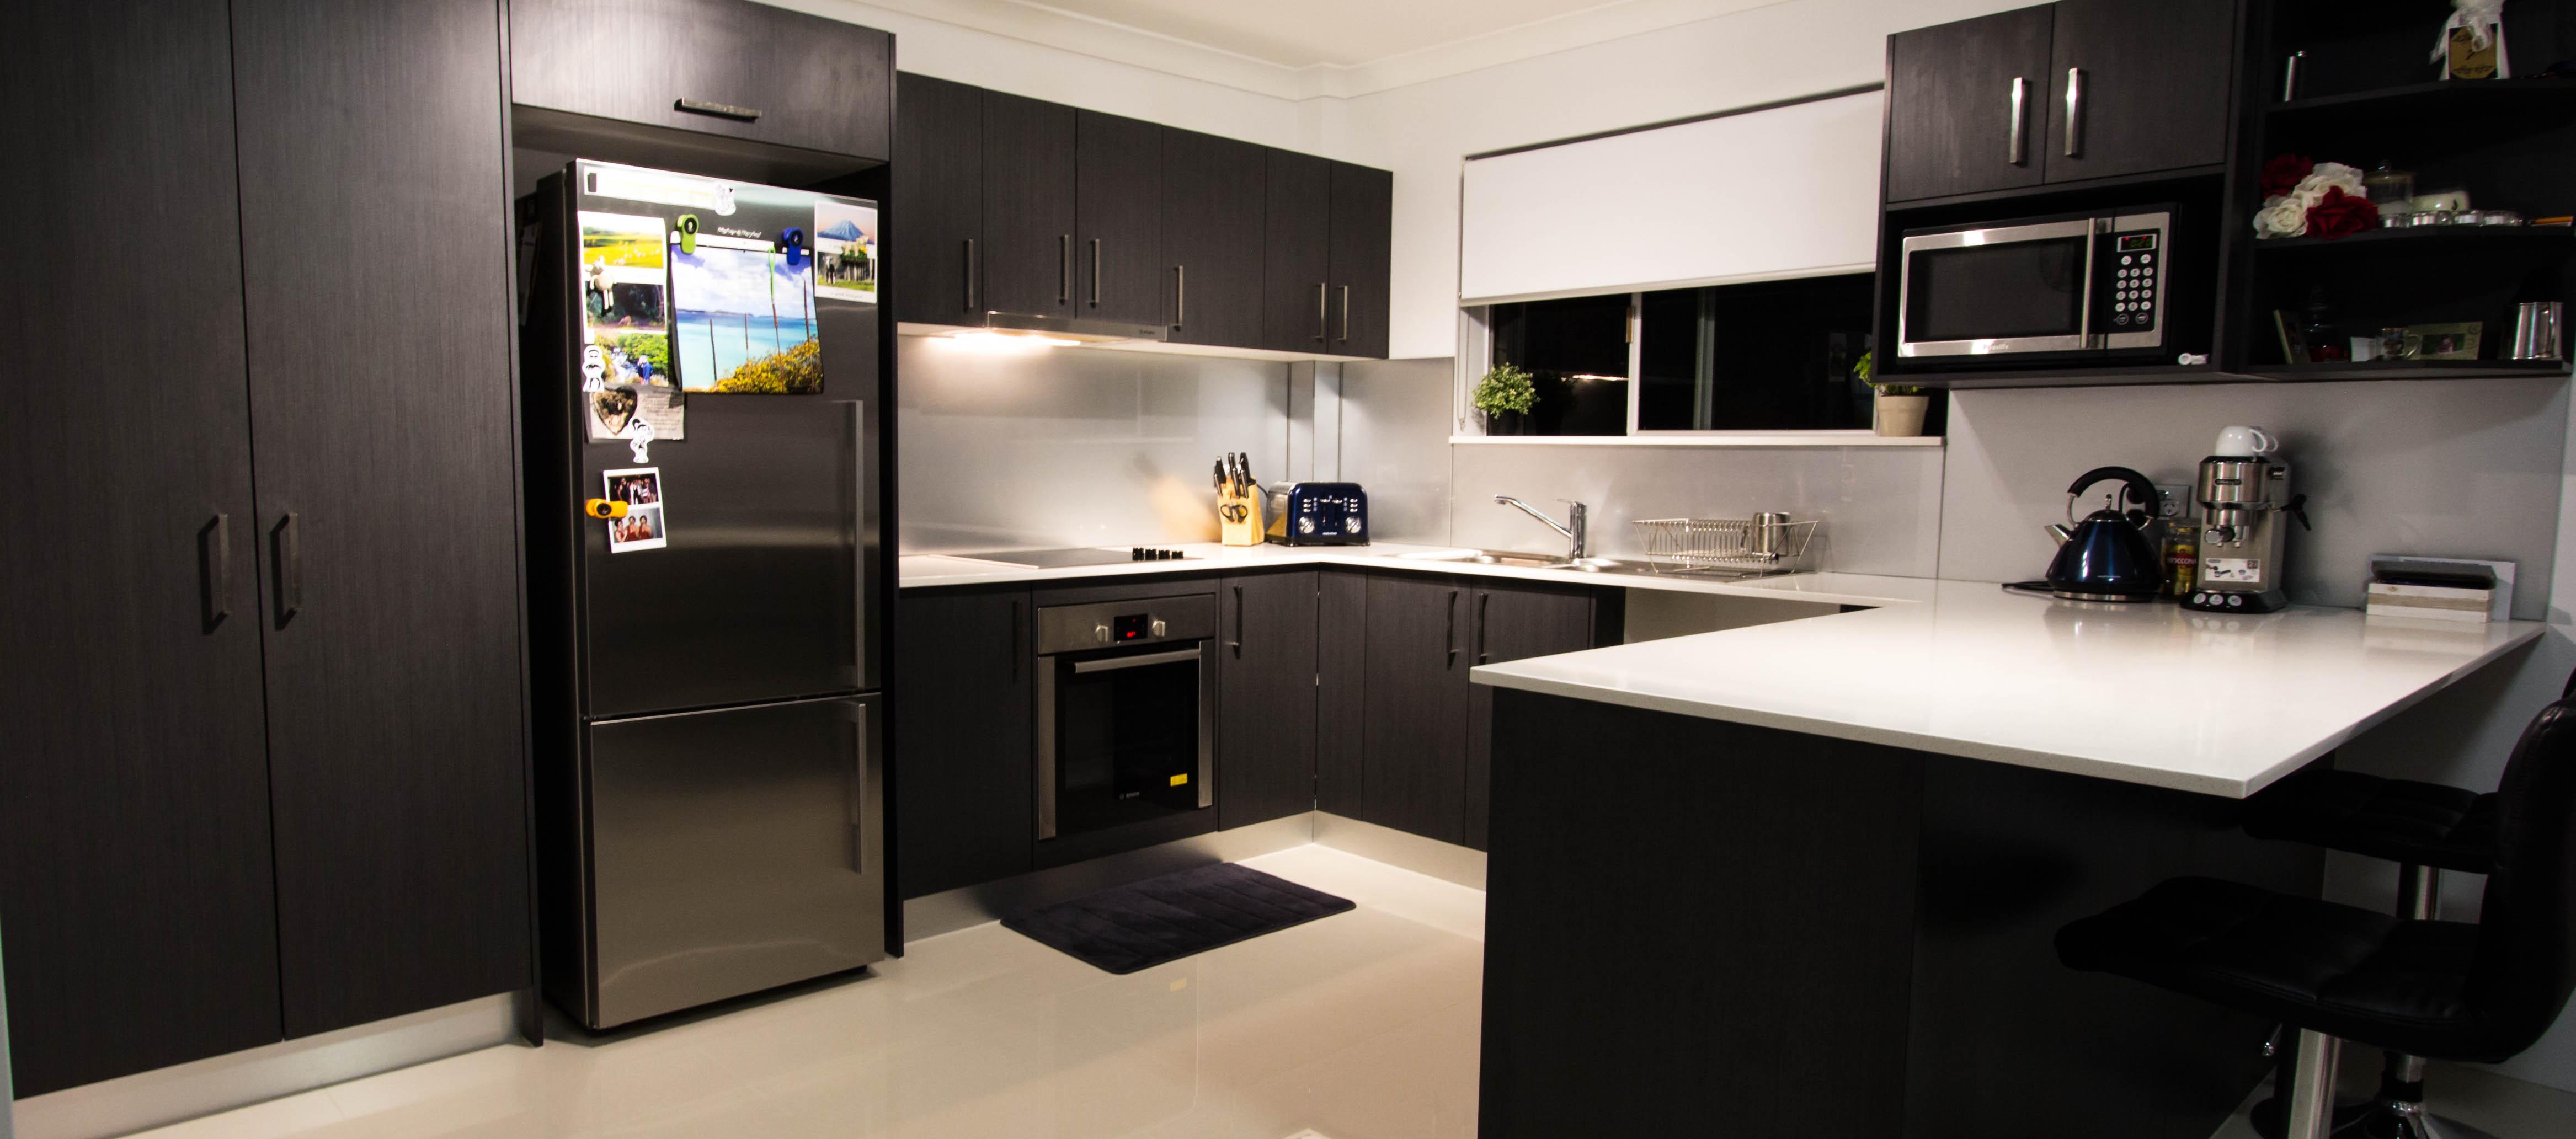 KitchenMain